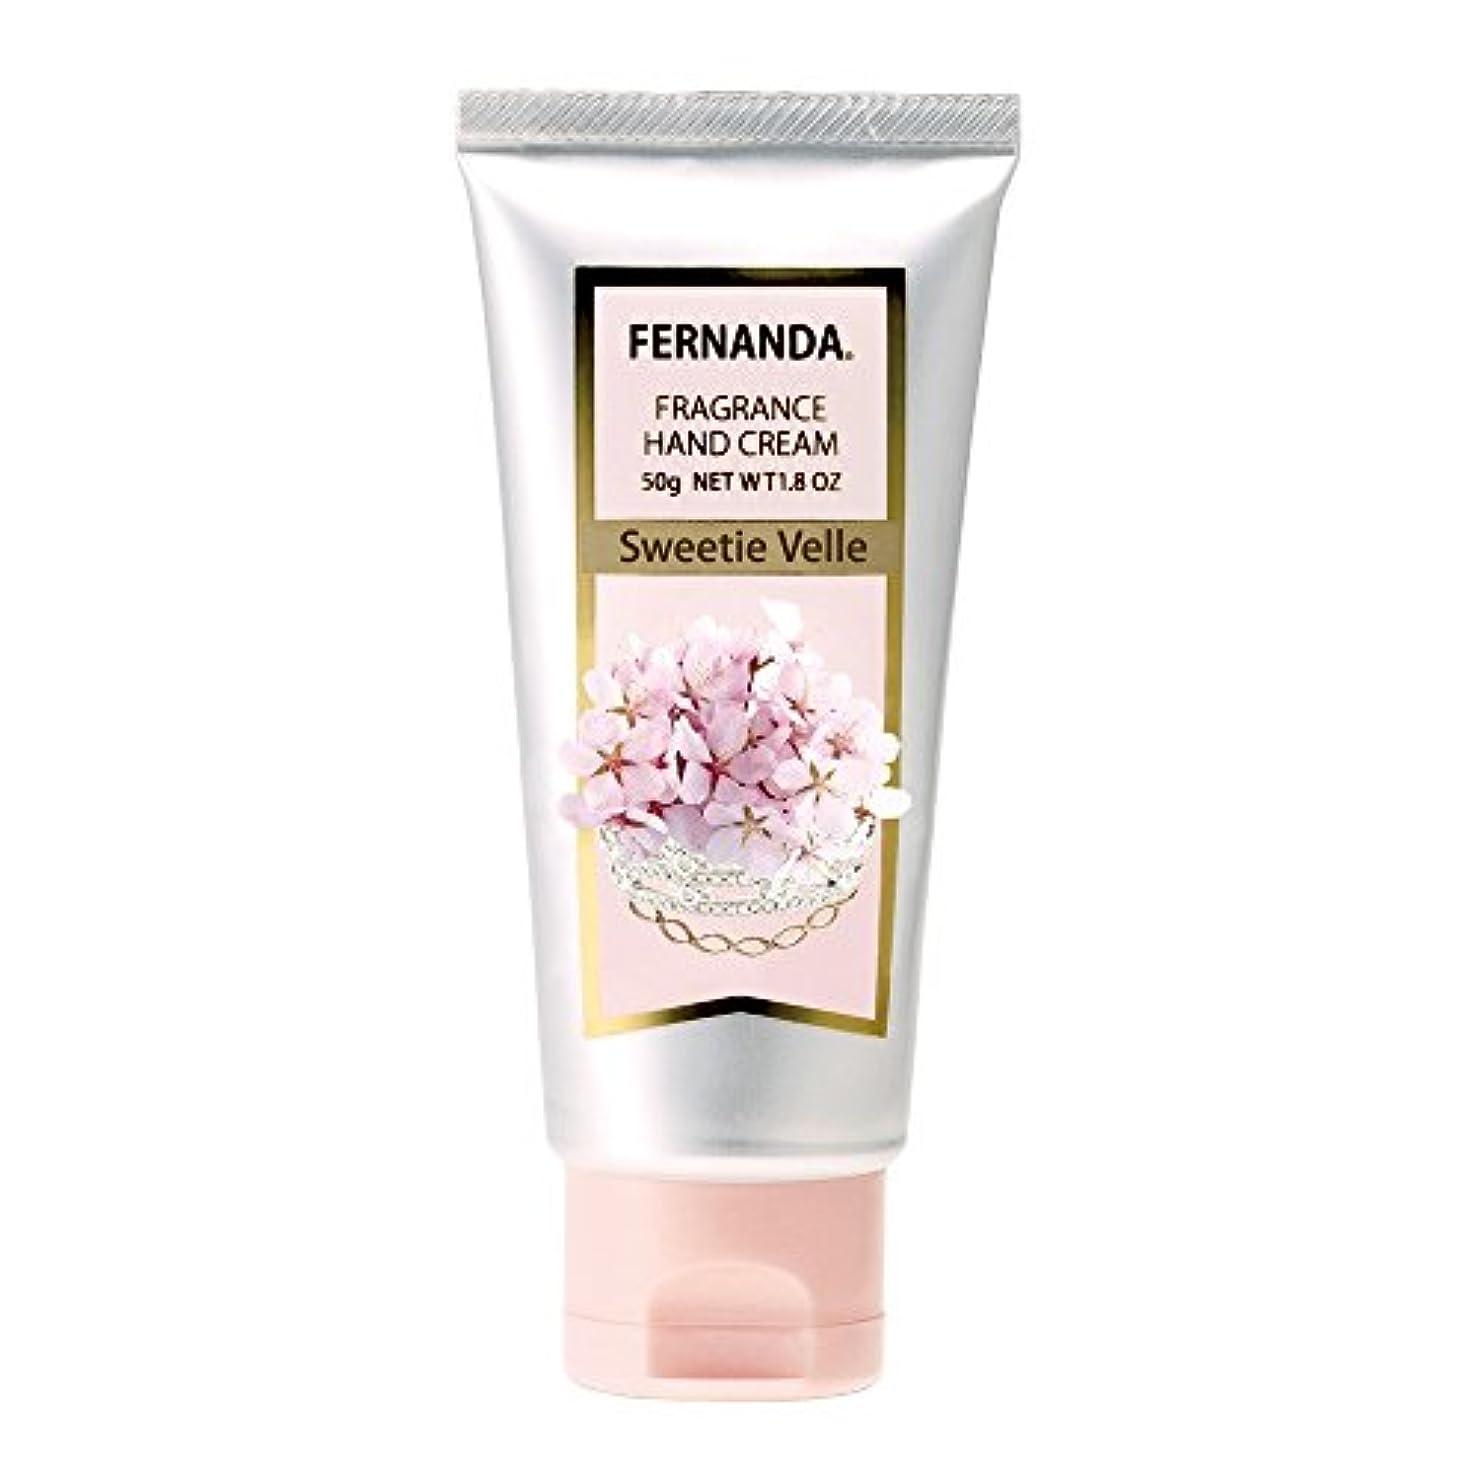 抗生物質アルコーブよろめくFERNANDA(フェルナンダ) Hand Cream Sweetie Velle(ハンドクリーム スウィティーベル)